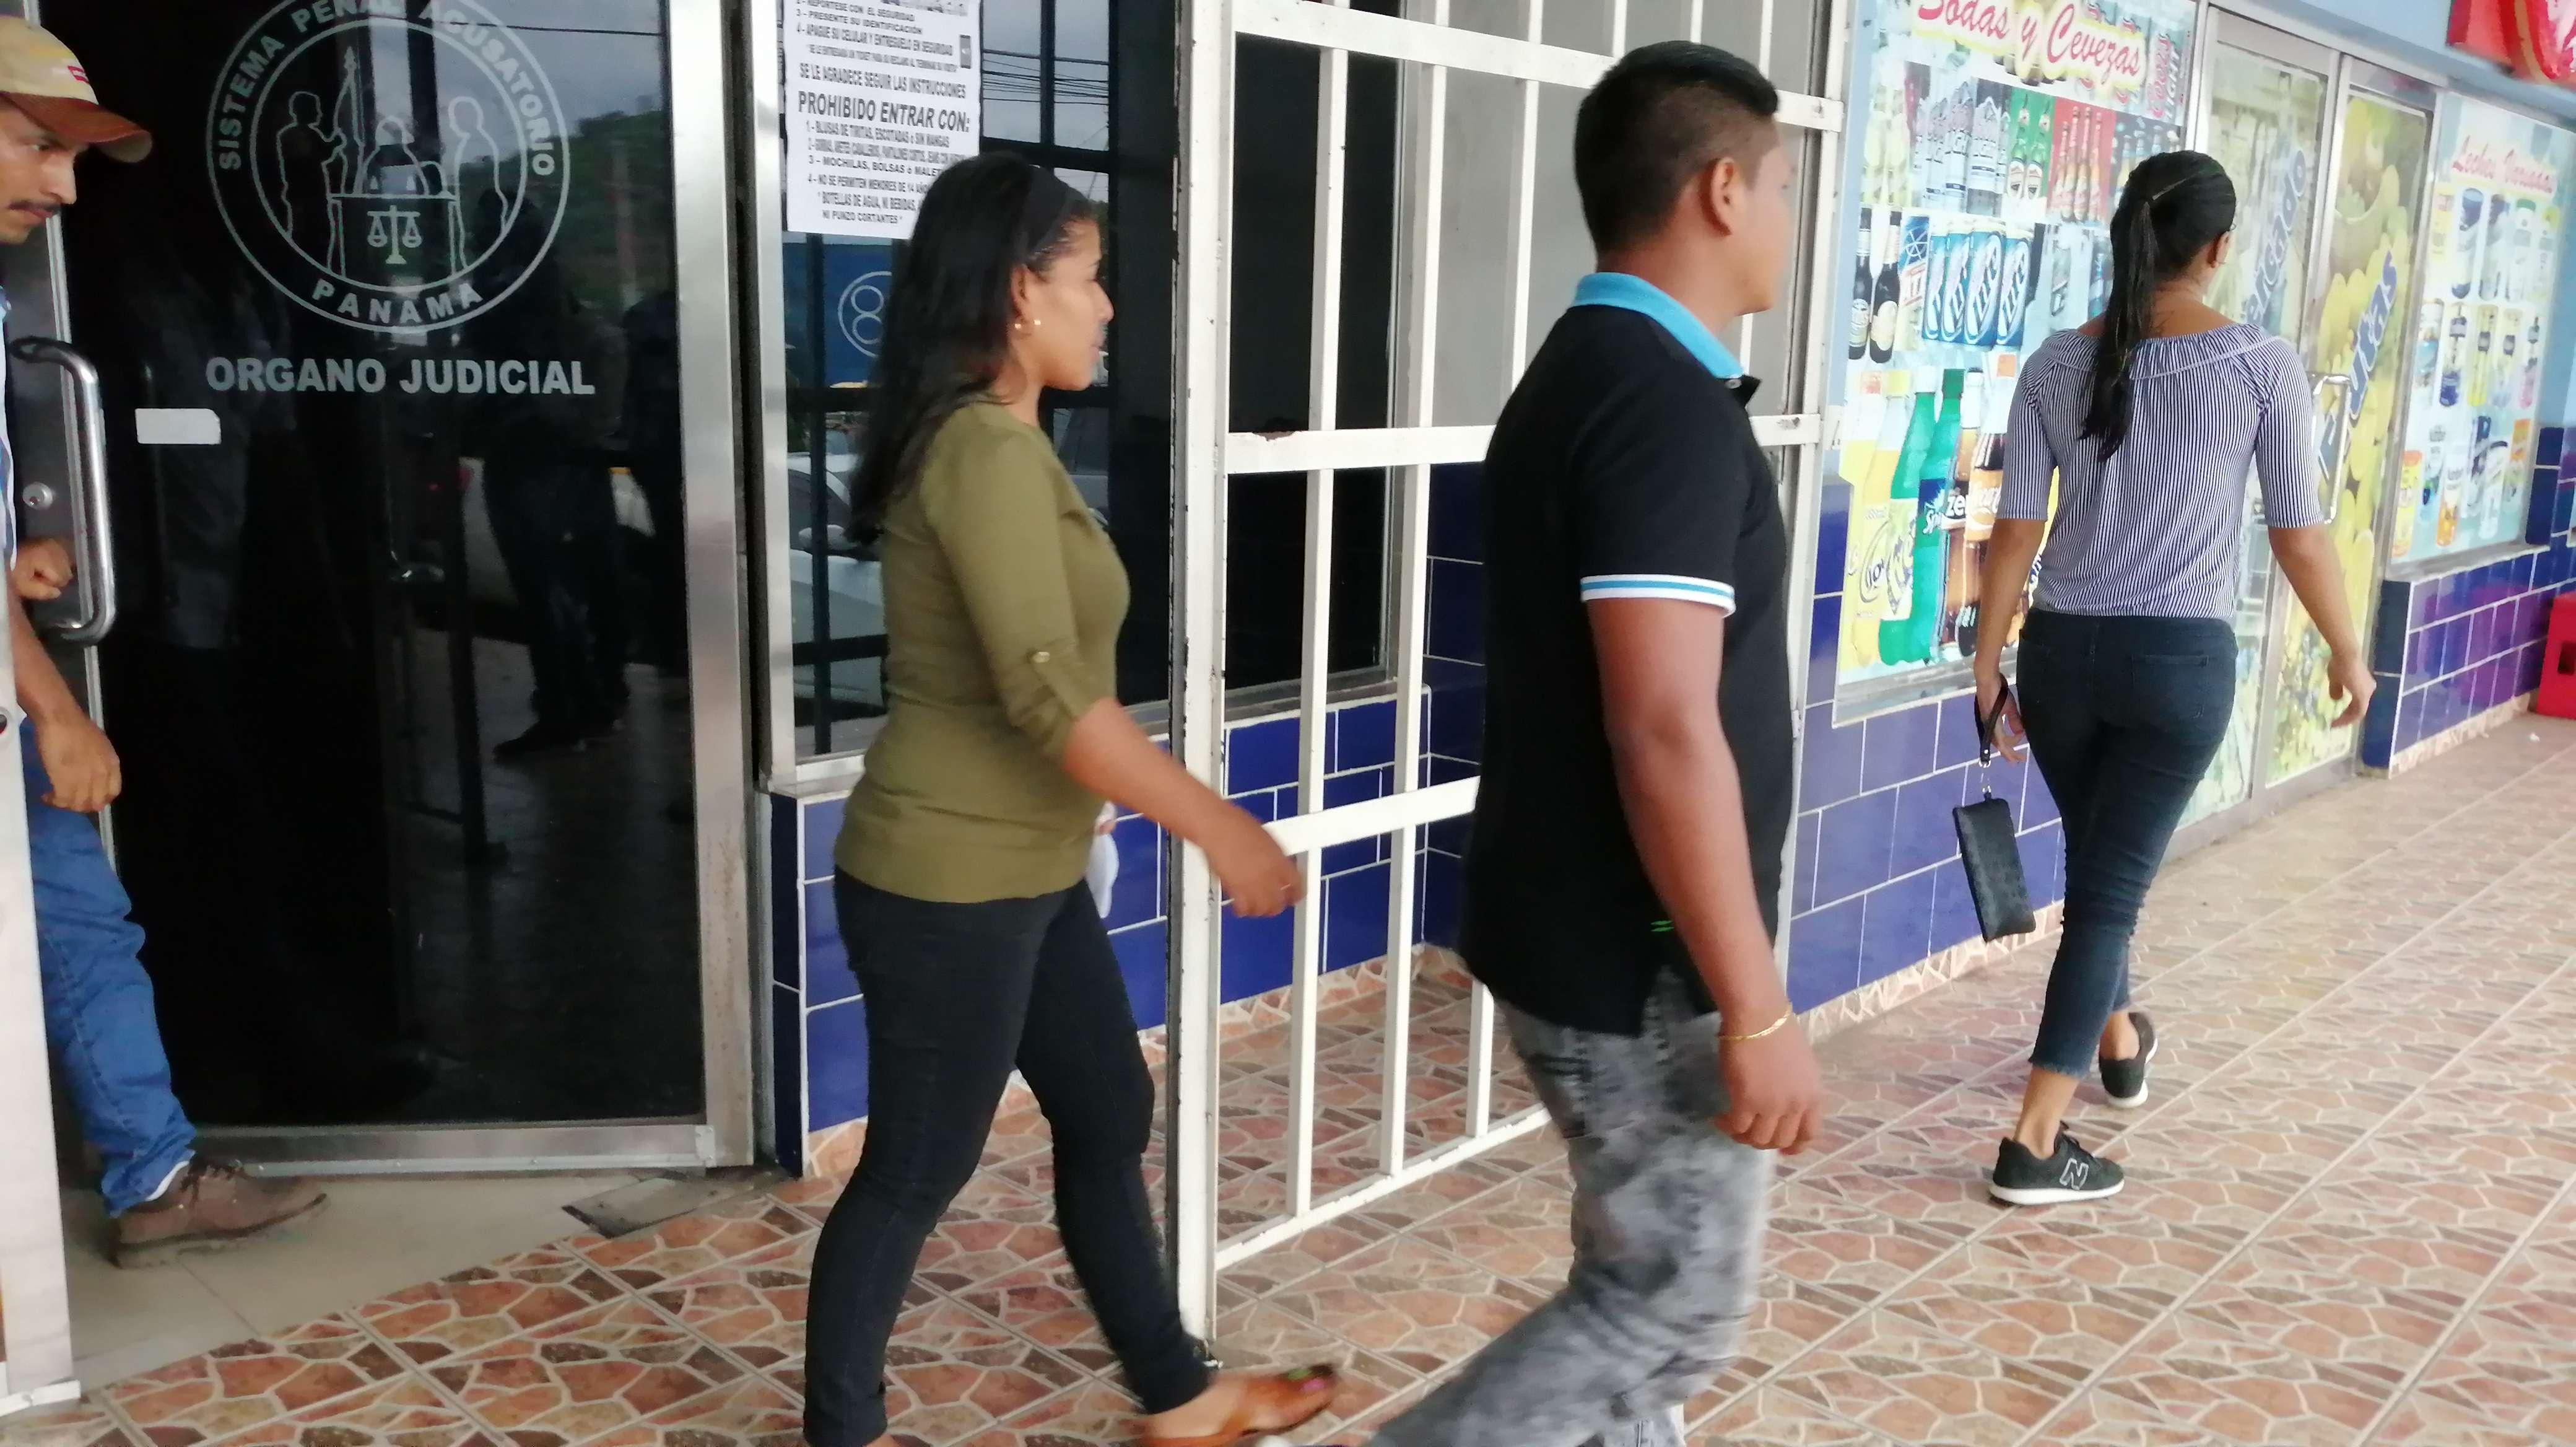 En la imagen, la madre y una prima de la imputada a su salida del Sistema Penal Acusatorio de Panamá Oeste. Foto: Eric Montenegro